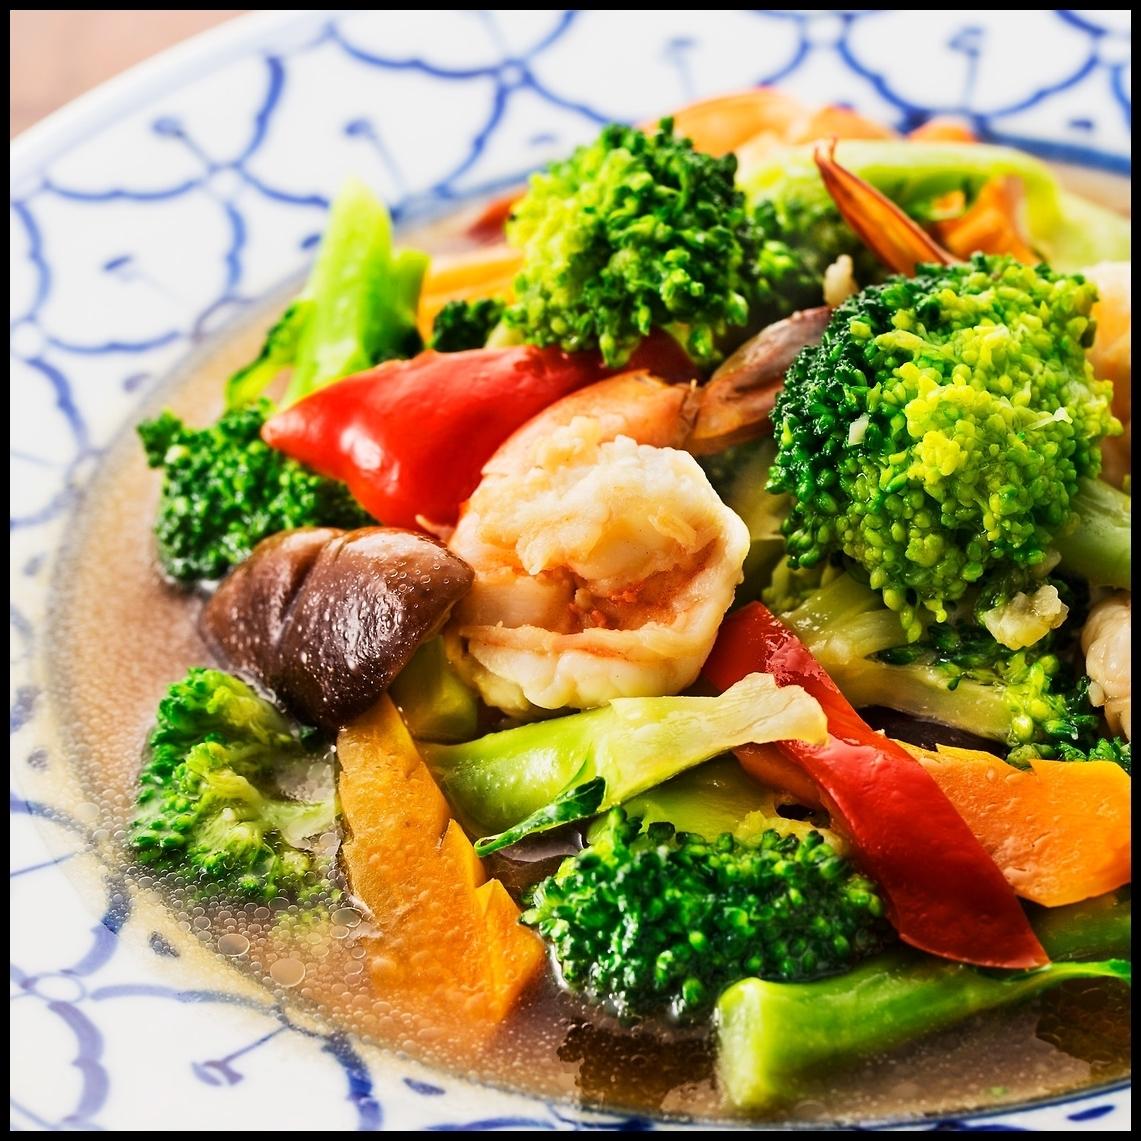 クンパッブロッコリー(海老とブロッコリーの炒め物)